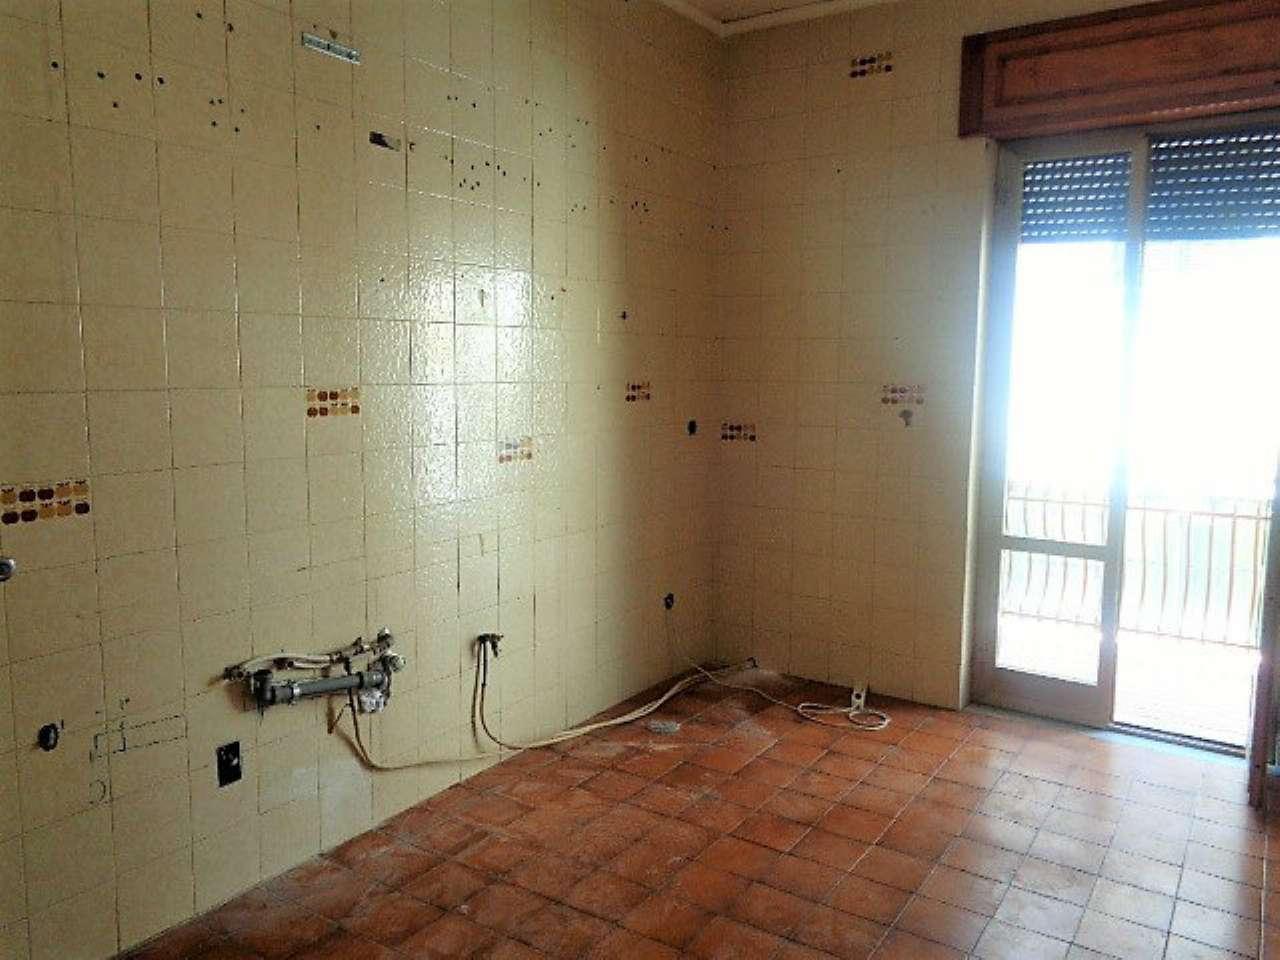 Appartamento in affitto a Mugnano di Napoli, 3 locali, prezzo € 400 | CambioCasa.it